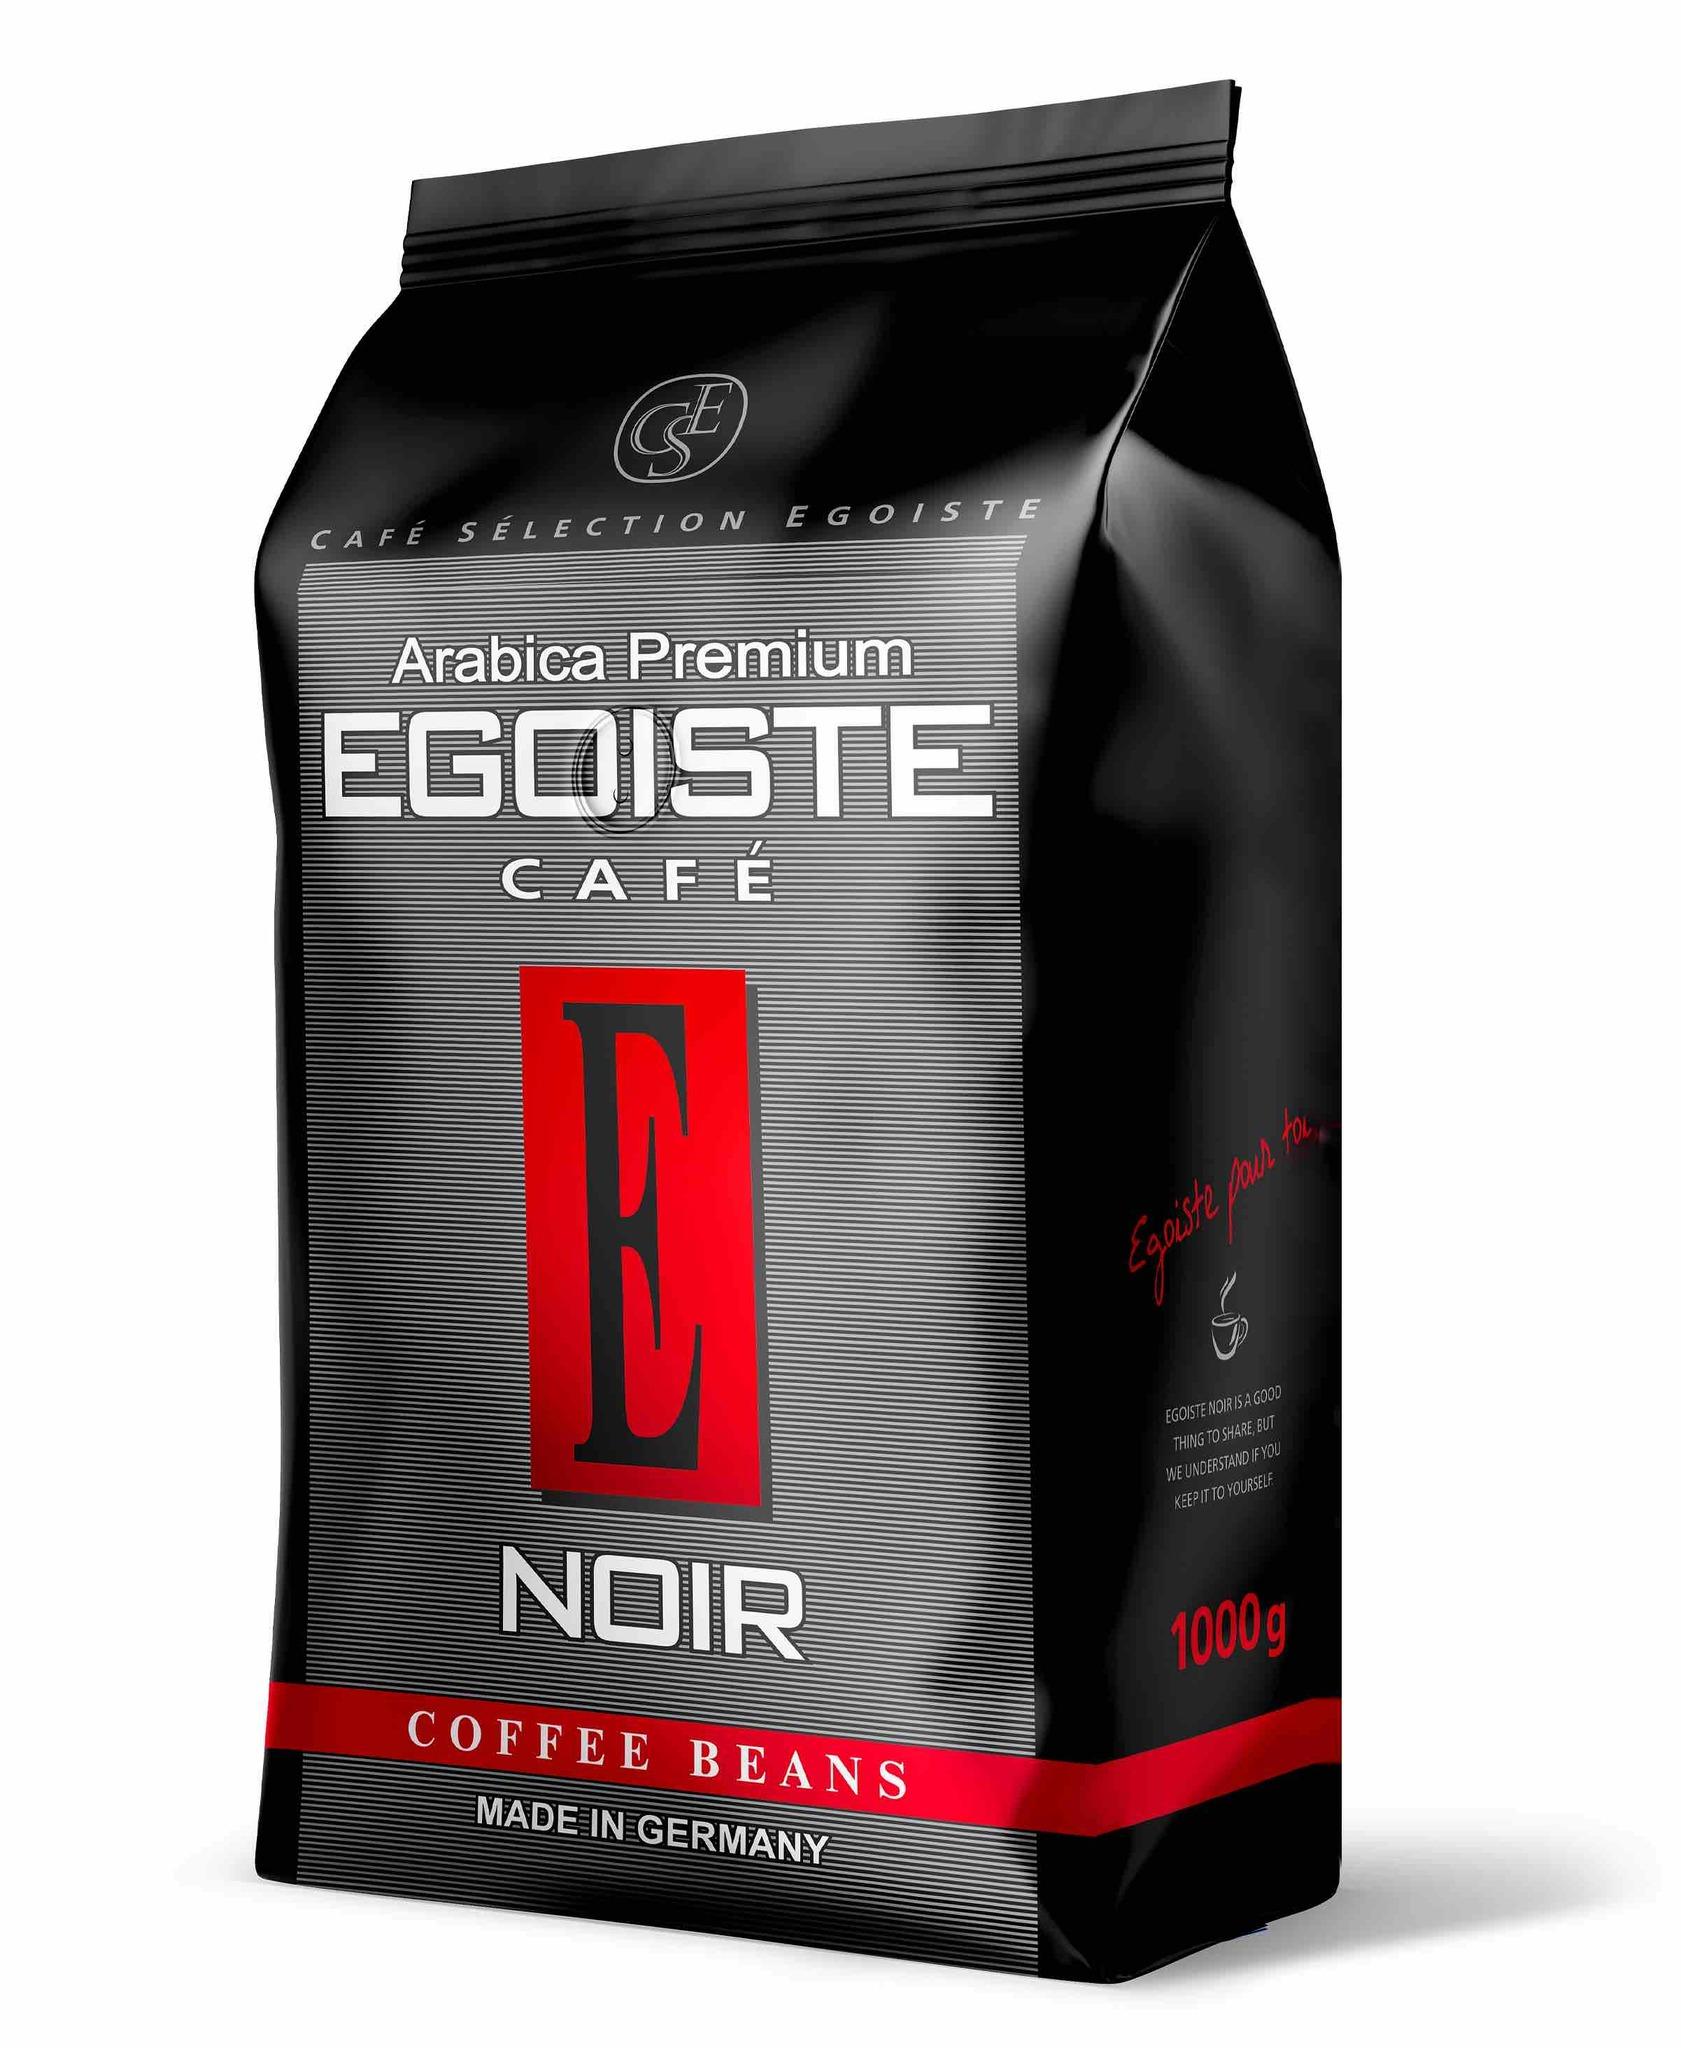 Кофе в зернах Noir, Egoiste, 1 кг import_files_0a_0a6e3d51cb2511eaa9ce484d7ecee297_2f451855cdab11eaa9ce484d7ecee297.jpg